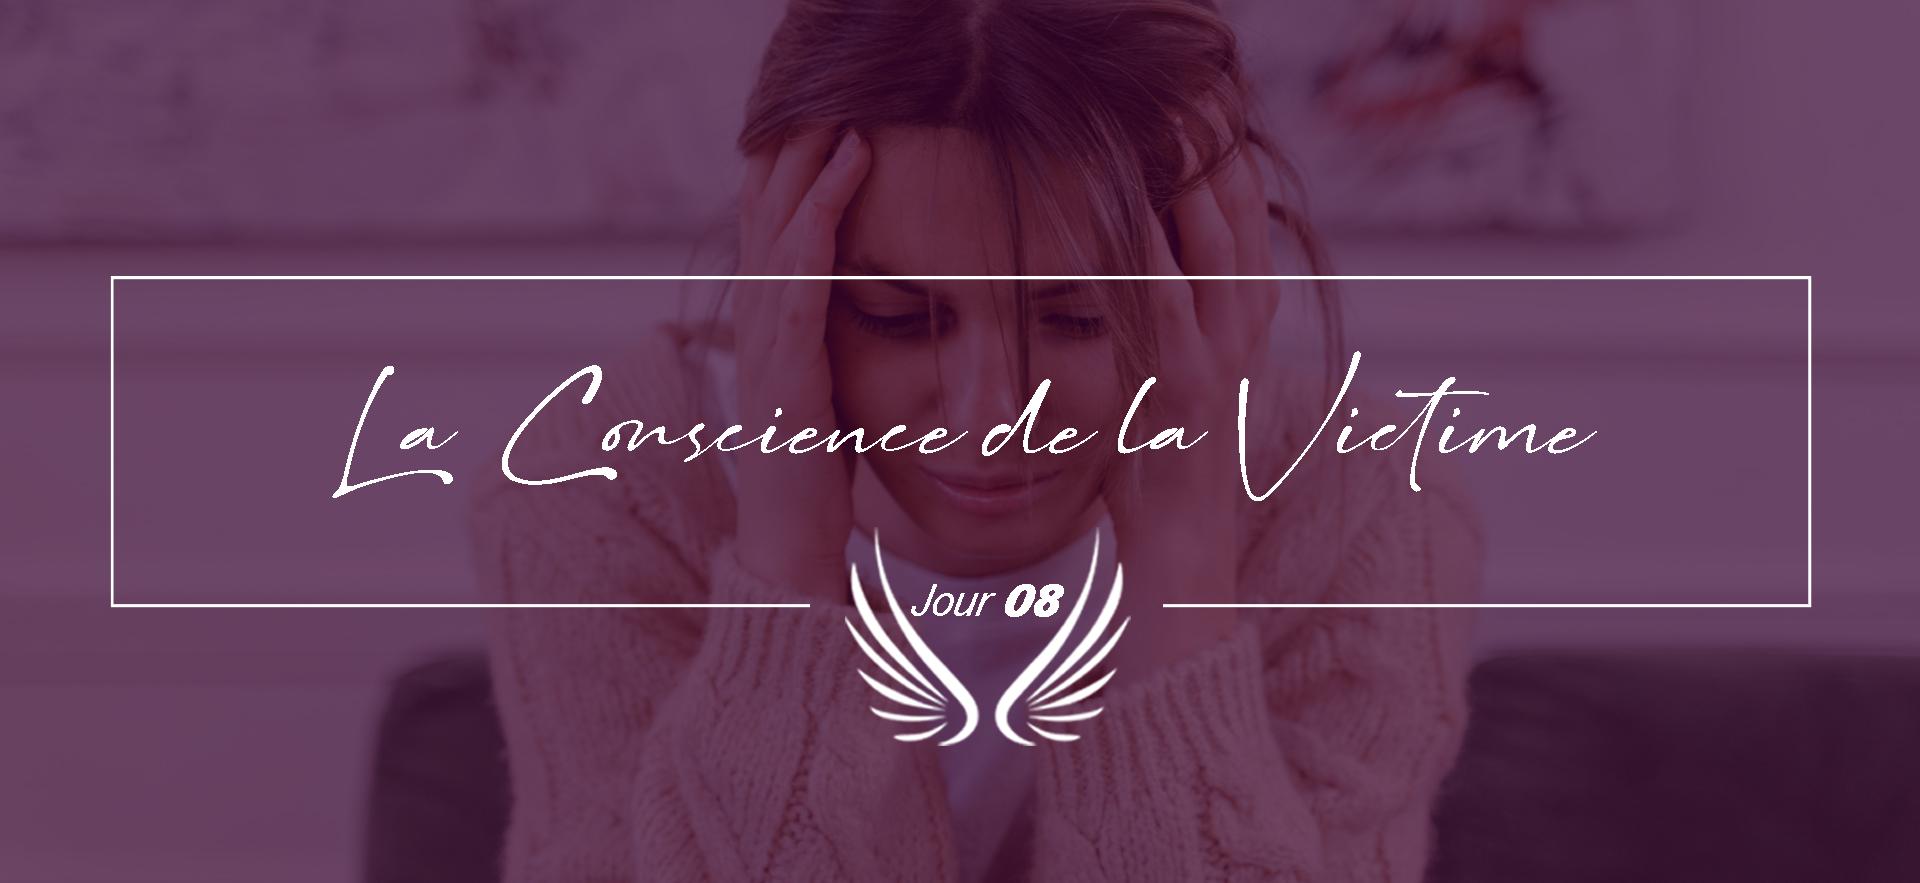 JOUR 8 – LA CONSCIENCE DE LA VICTIME.png